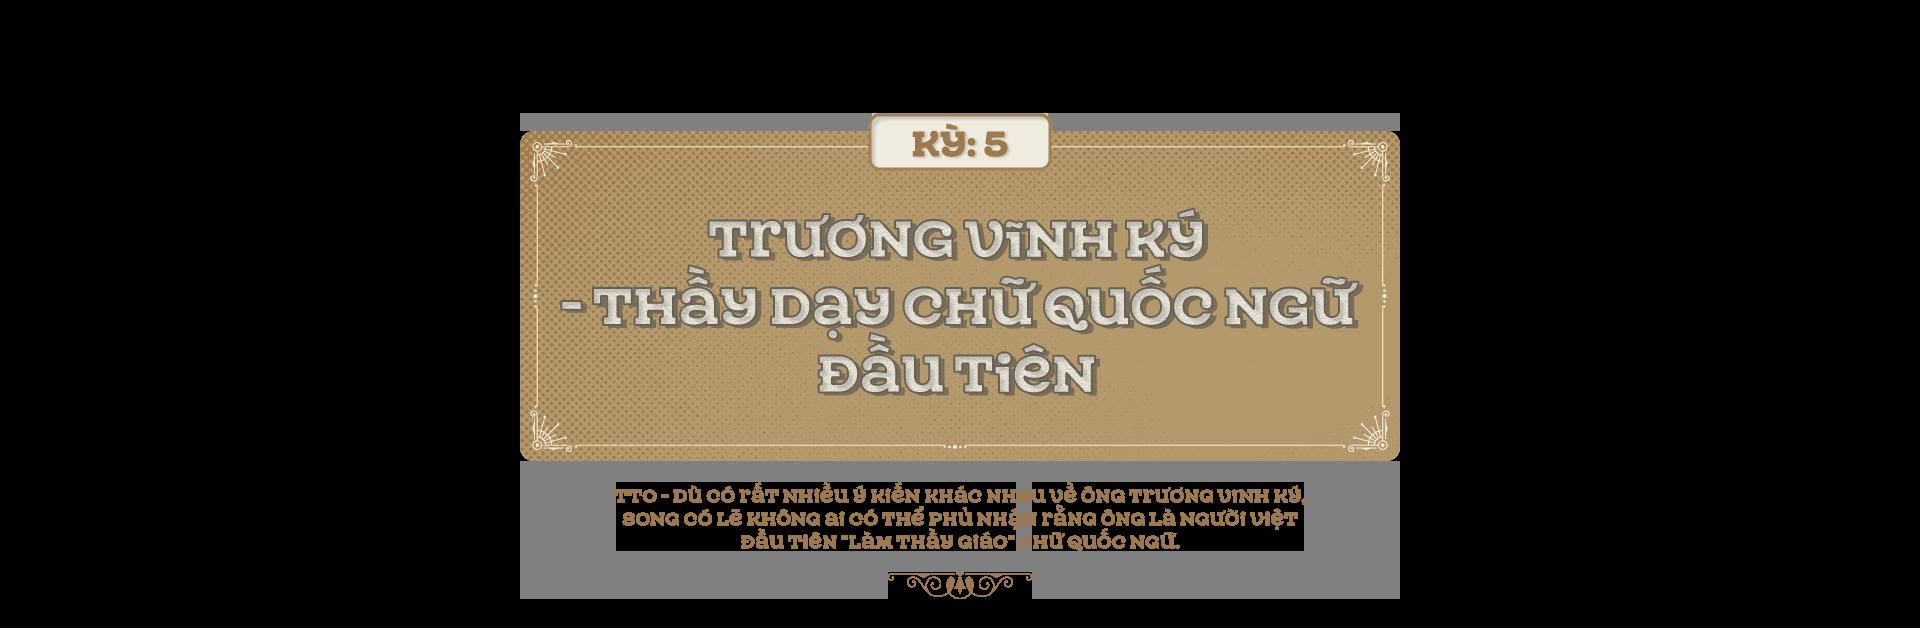 Kỳ 5: Trương Vĩnh Ký - Thầy dạy chữ quốc ngữ đầu tiên - Ảnh 1.